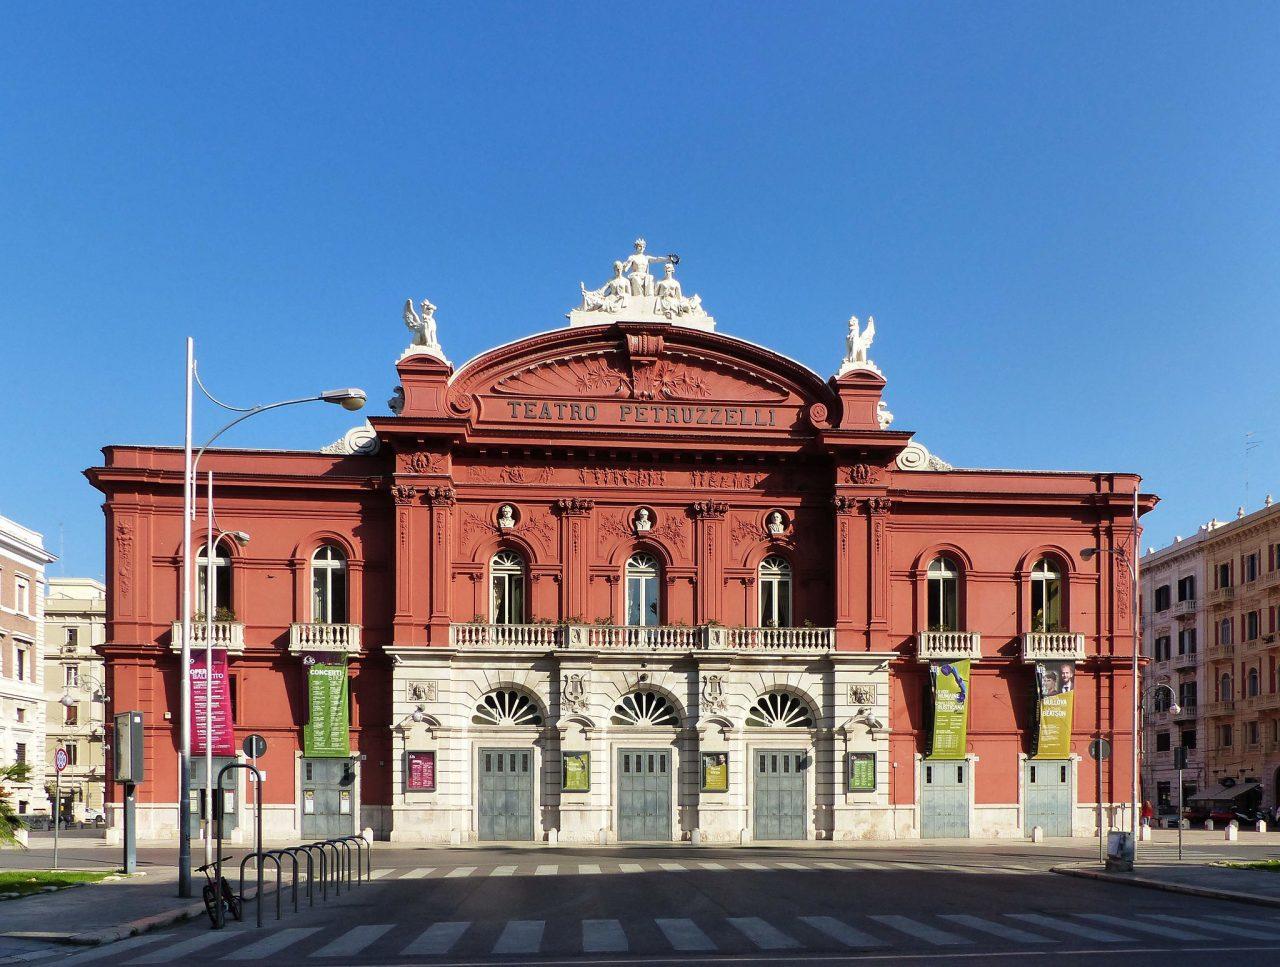 Театр Петруцелли (Teatro Petruzzelli)